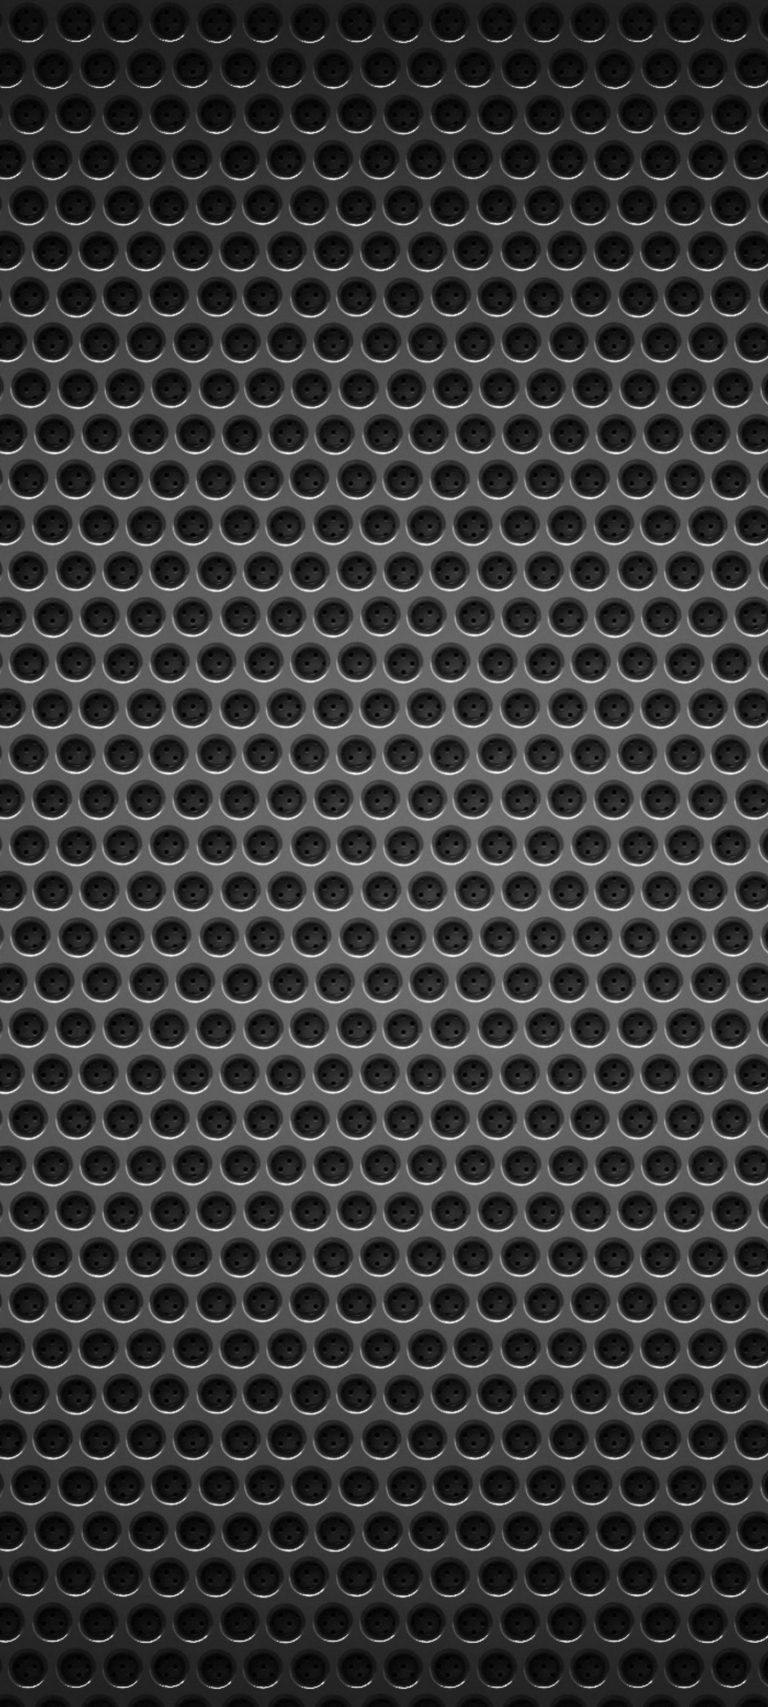 1440x3200 HD Wallpaper 126 768x1707 - 1440x3200 HD Wallpaper - 126